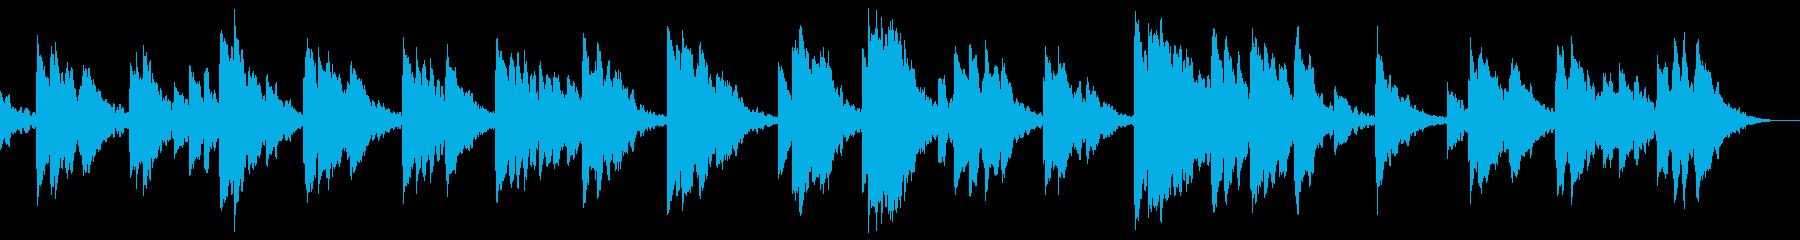 深海のようなヒーリングサウンドの再生済みの波形